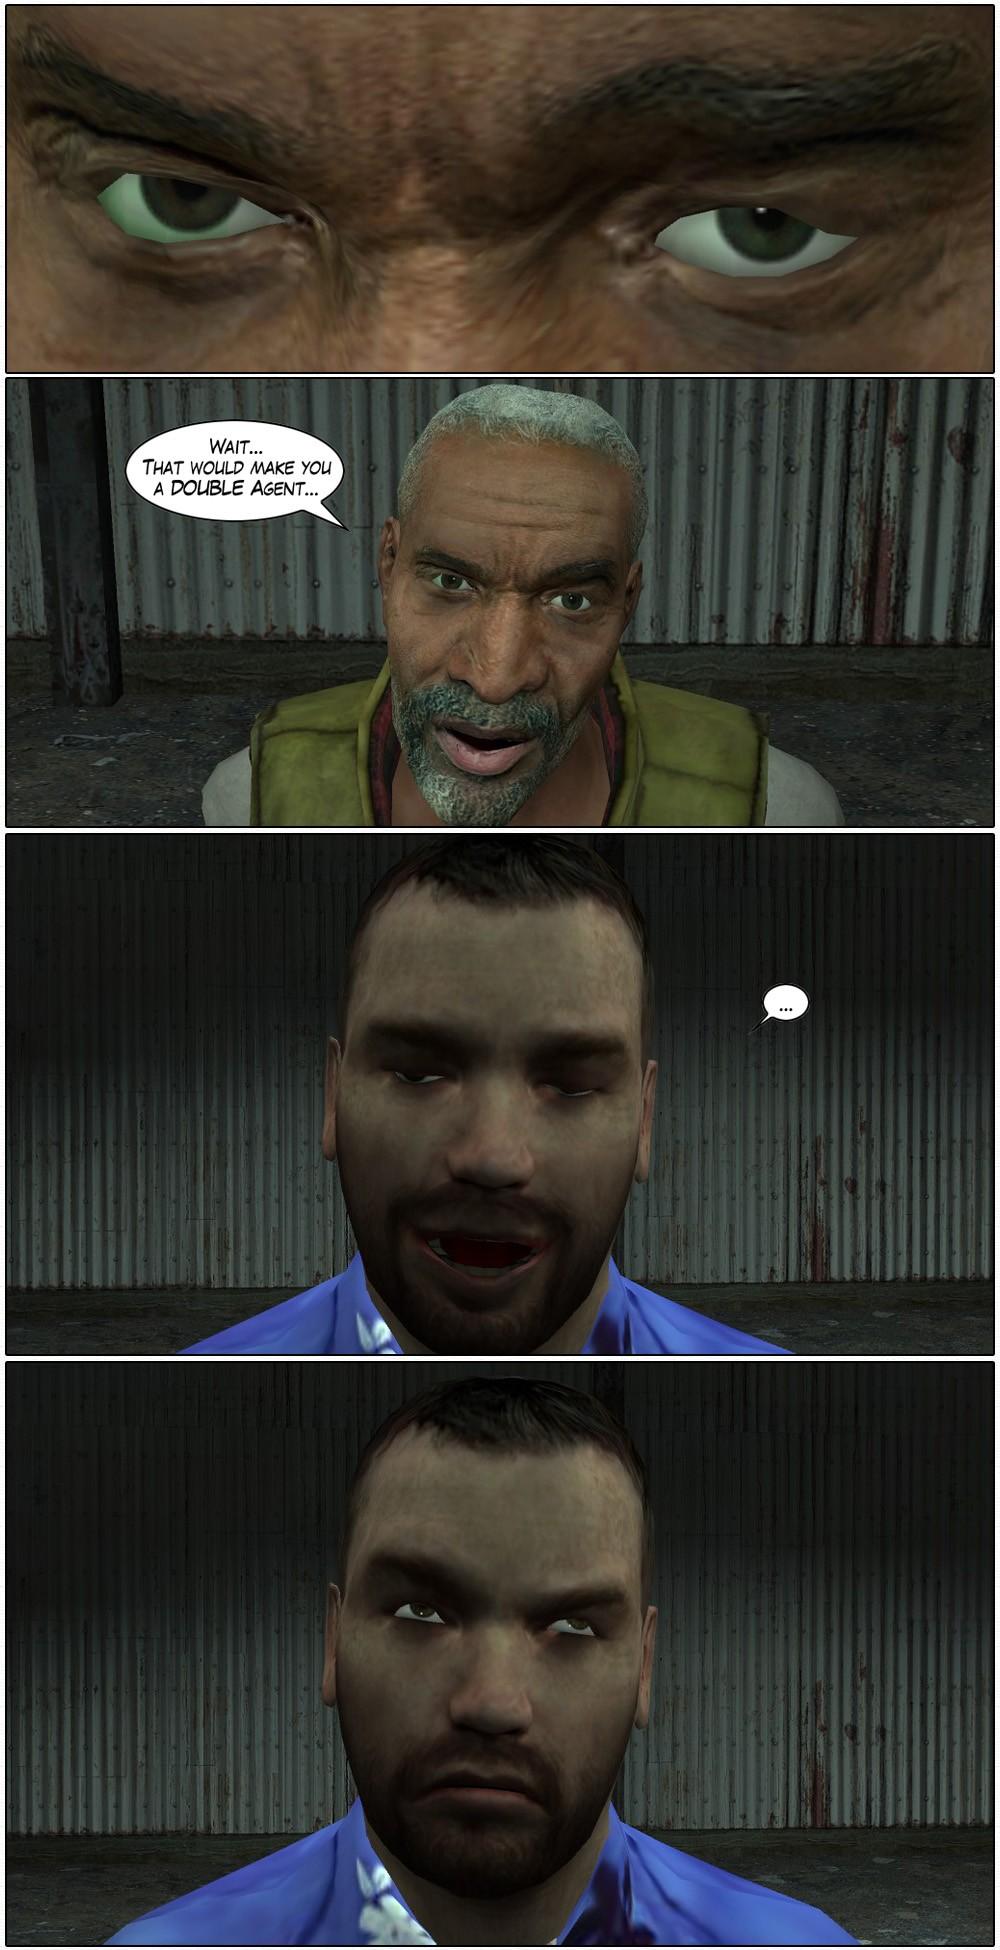 Triple Agent Part 2